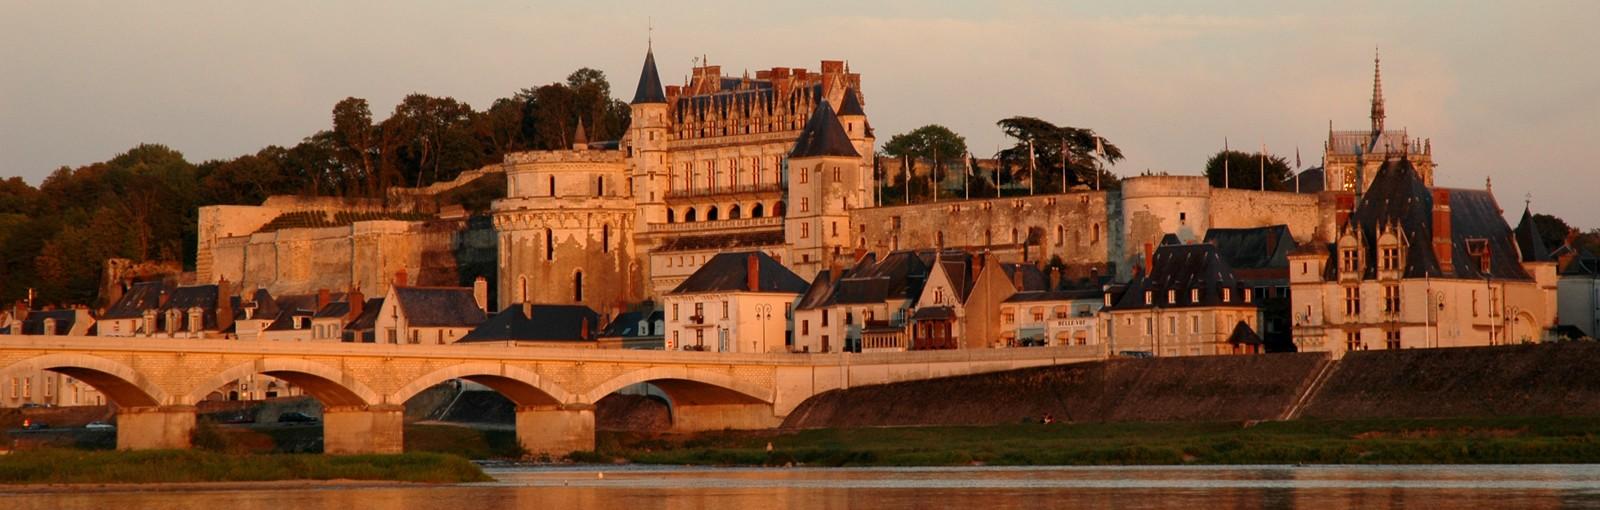 Tours LEONARD DE VINCI ET VINS D'AMBOISE - Journées complètes - Tours au départ de Paris